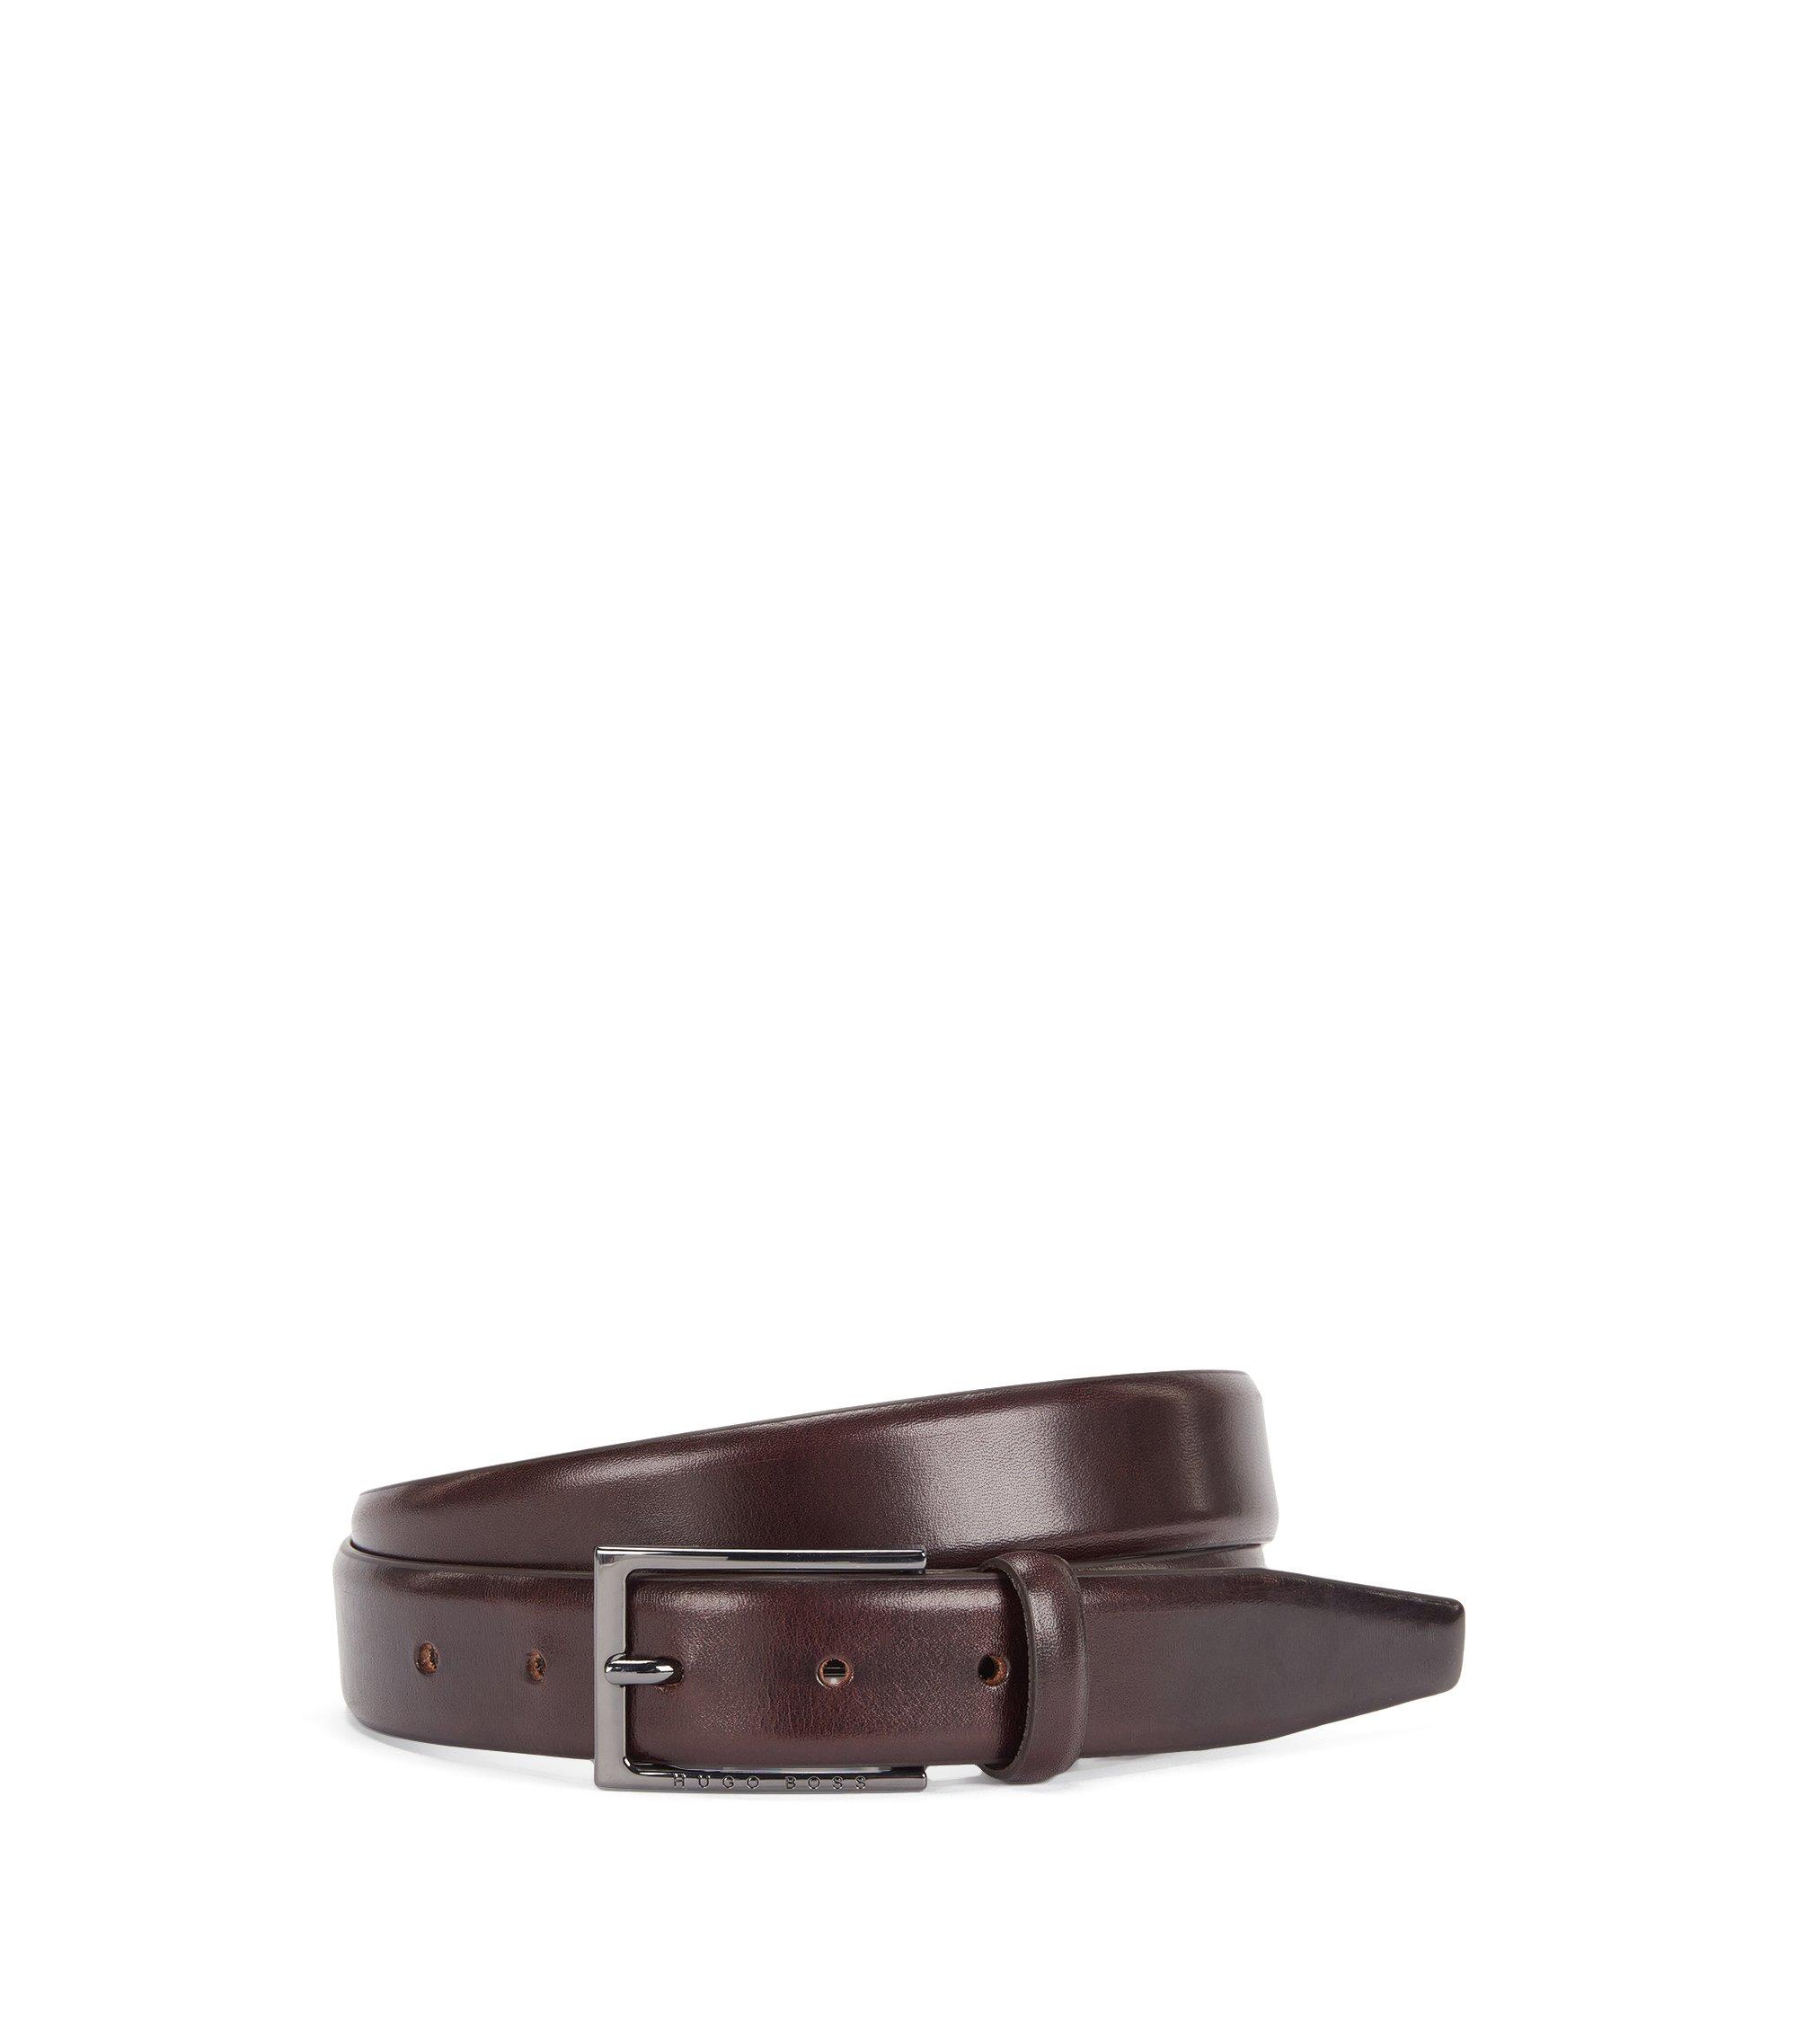 Cinturón de piel de curtido vegetal, Marrón oscuro